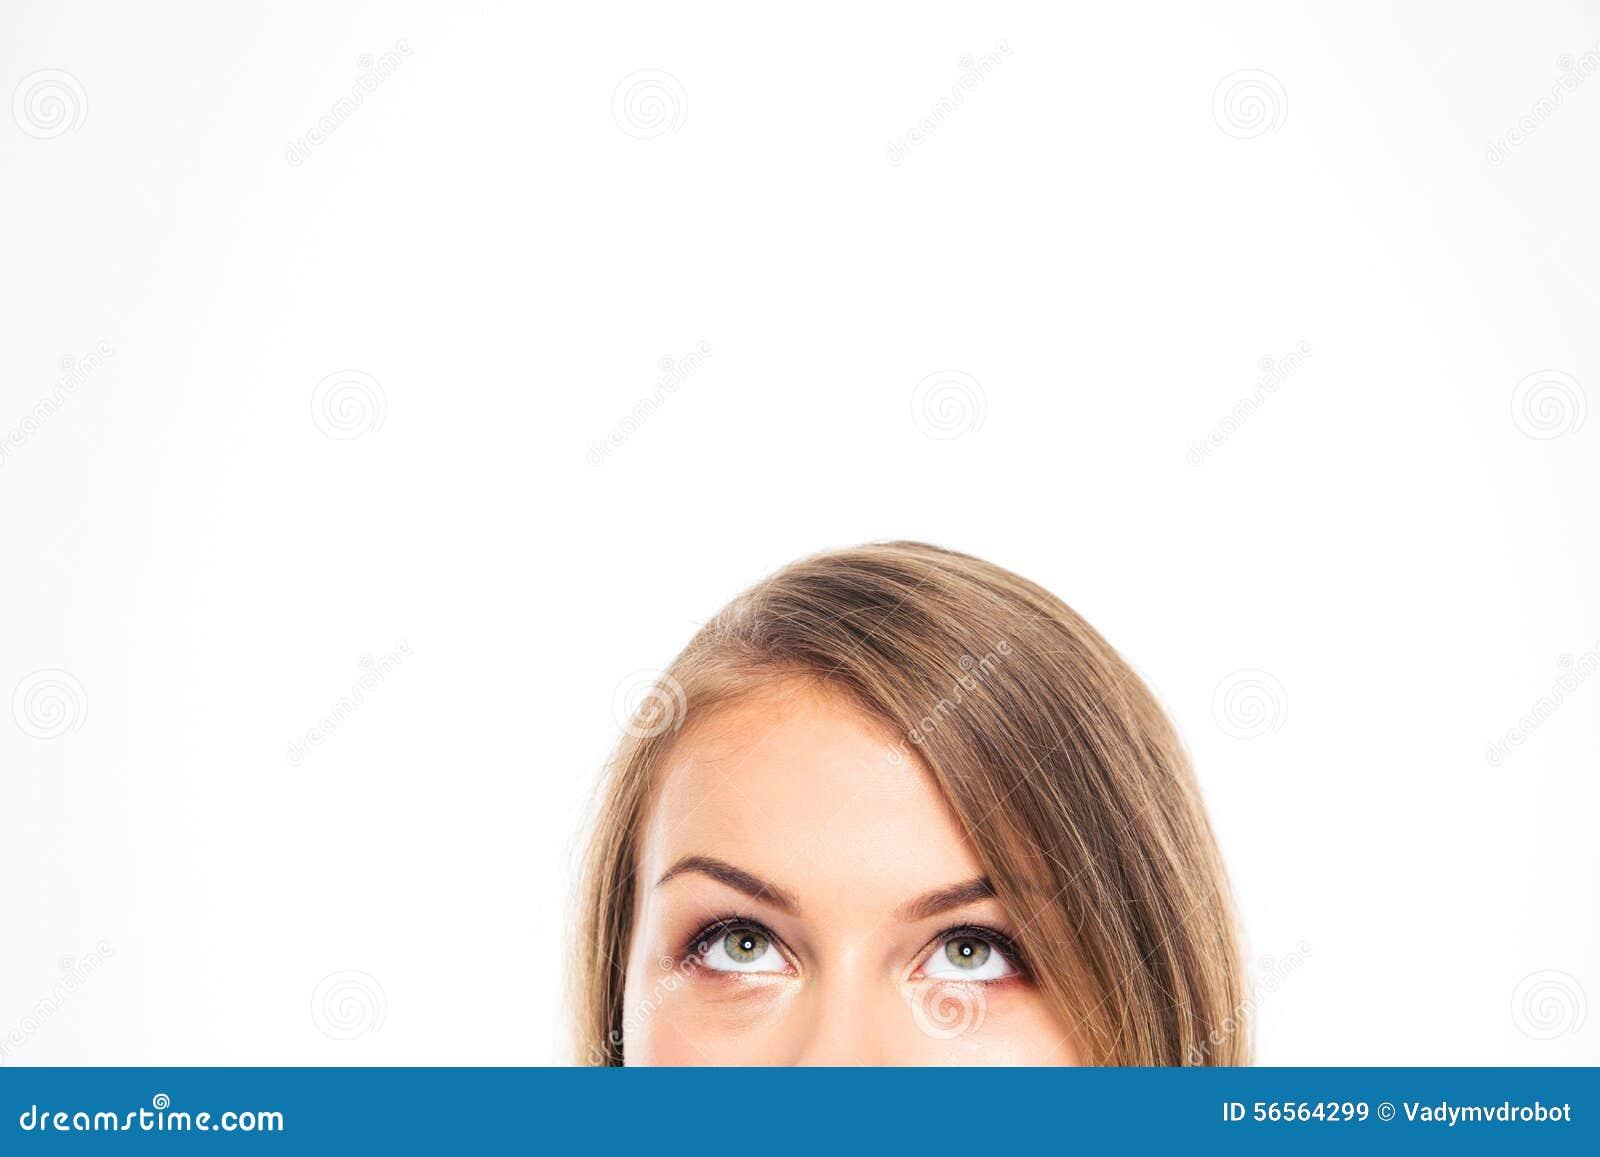 Download Καλλιεργημένη εικόνα μιας νέας γυναίκας που ανατρέχει Στοκ Εικόνα - εικόνα από καυκάσιος, αντίγραφο: 56564299